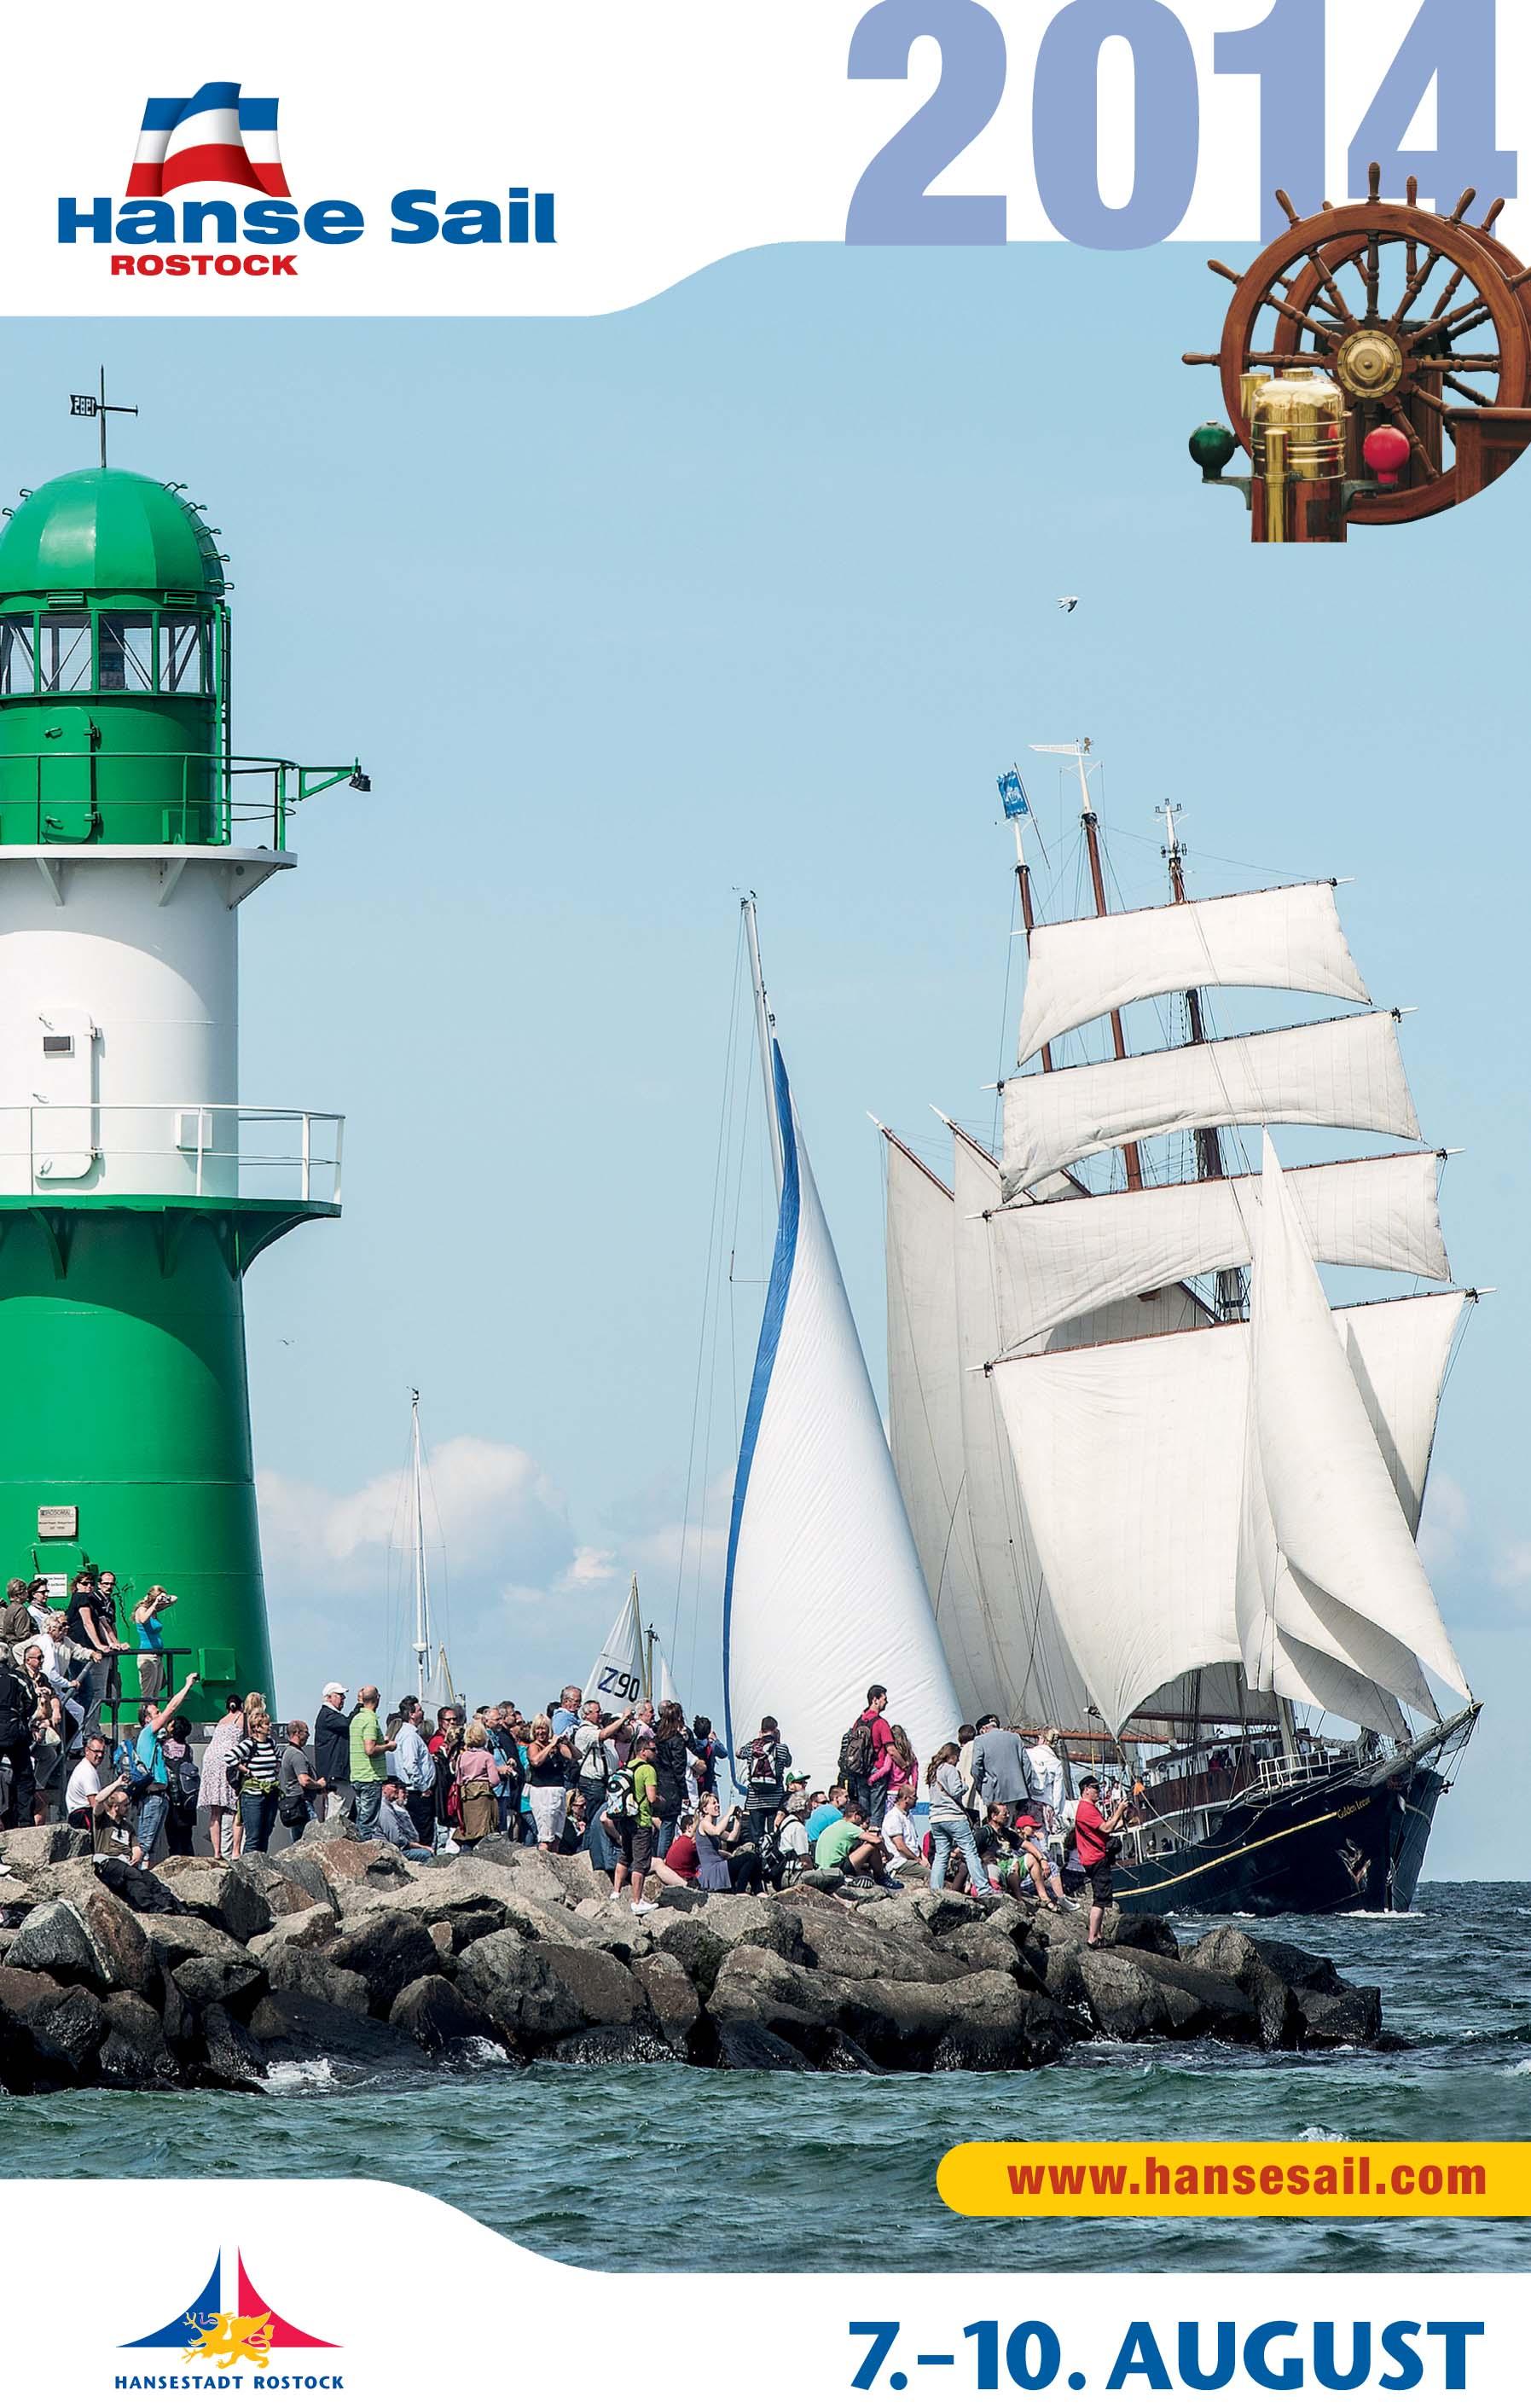 Kalender macht Lust auf 24. Hanse Sail in Rostock